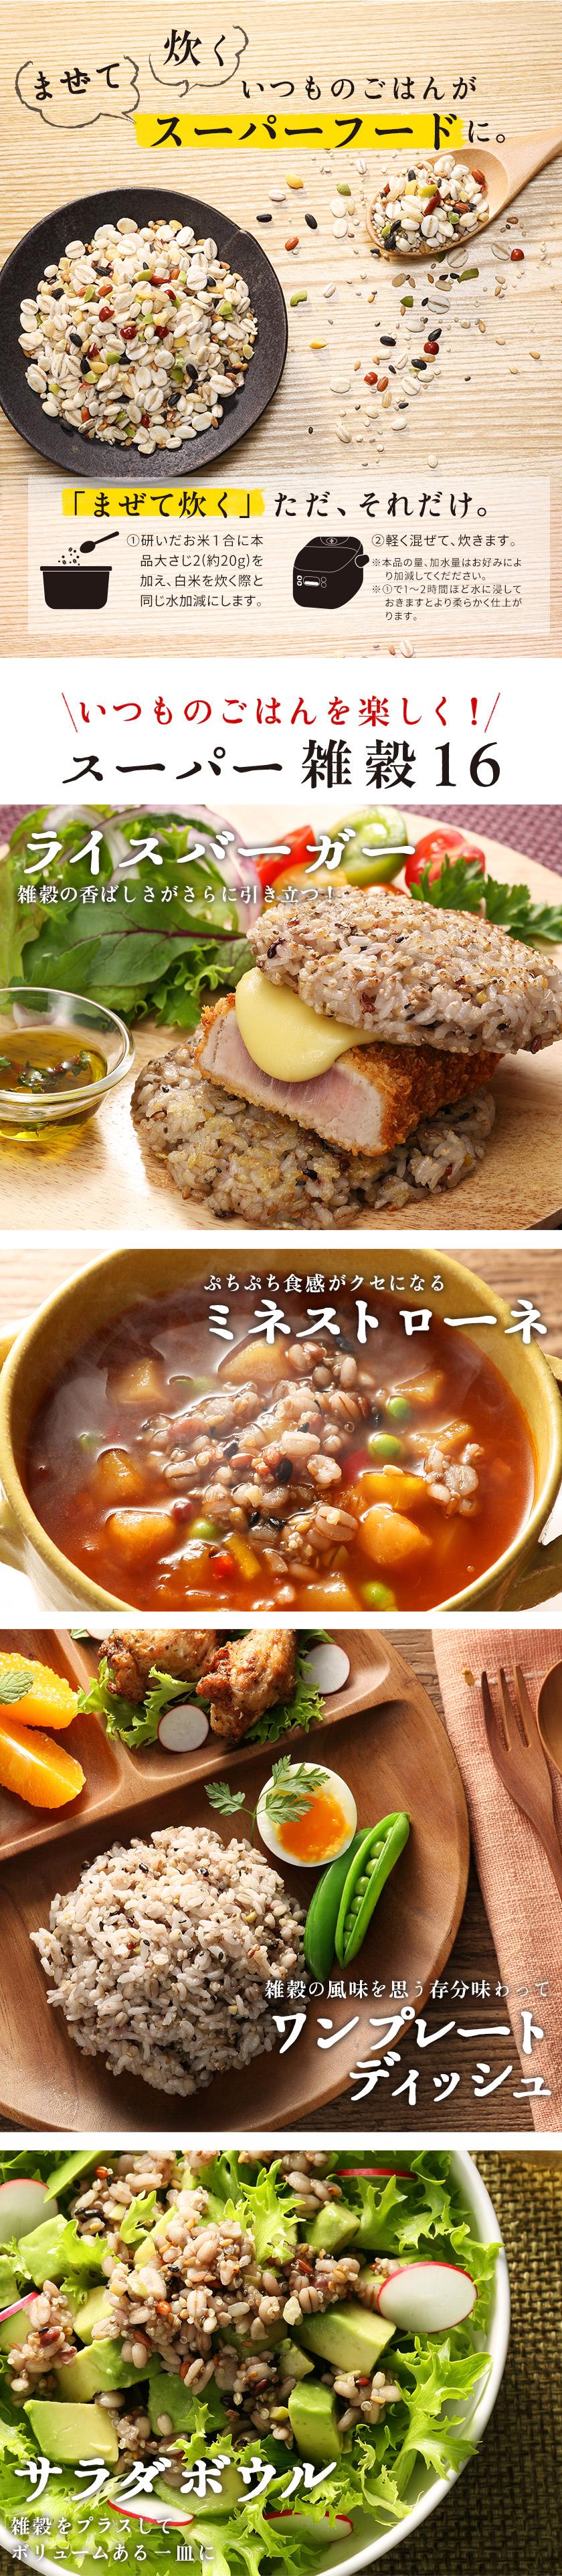 もち麦たっぷり16雑穀米